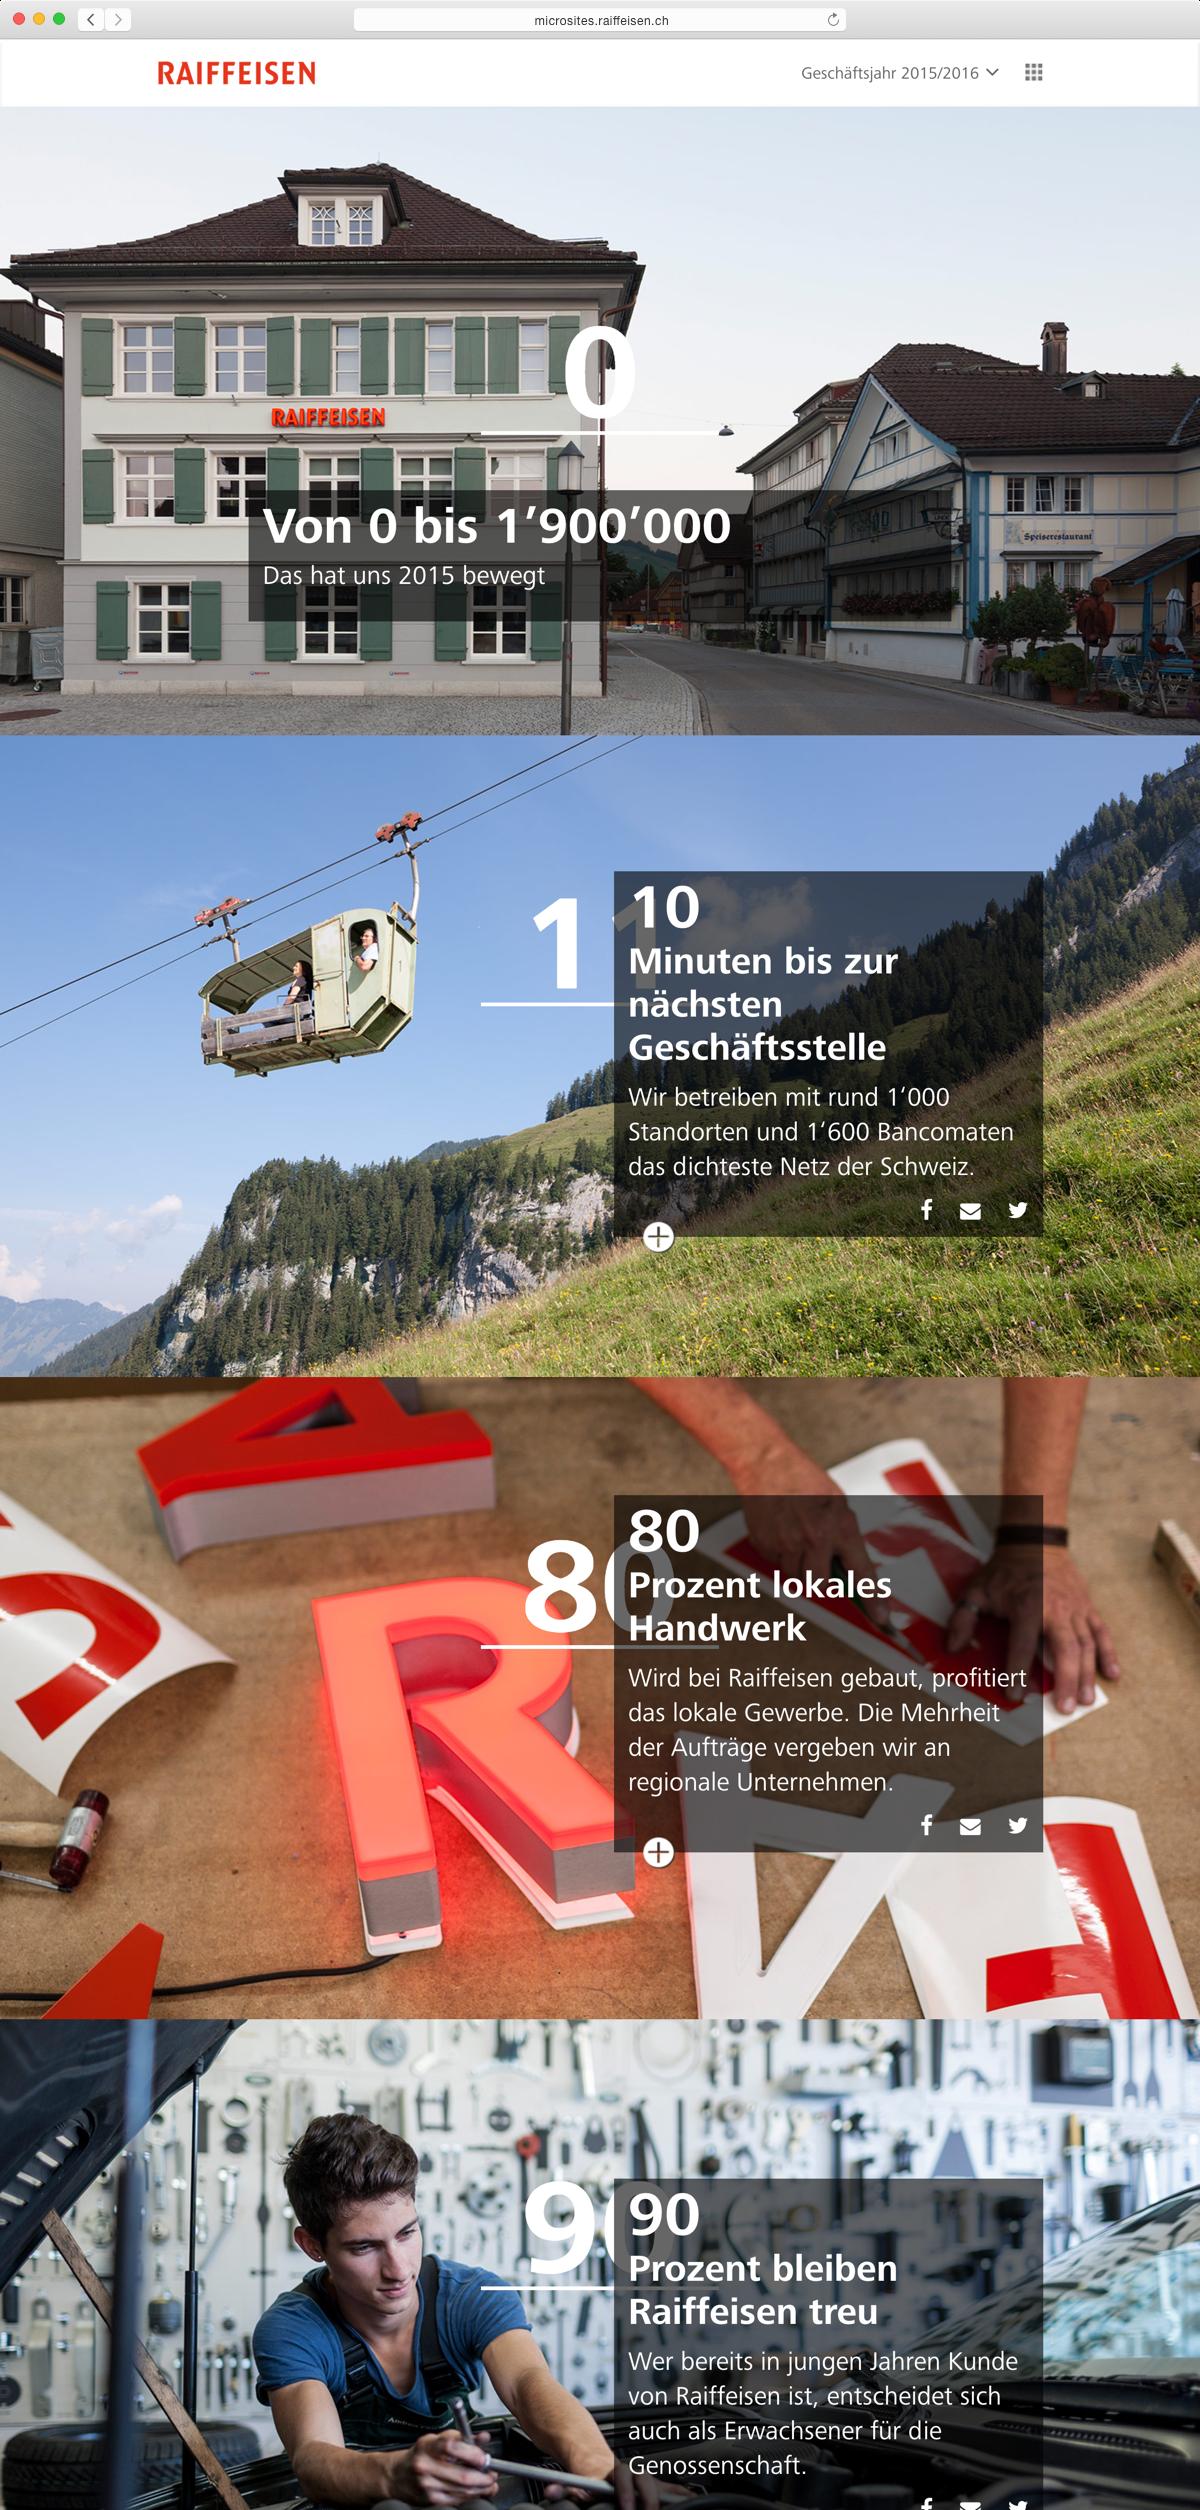 Raiffeisen Geschäftsbericht - Featured Image